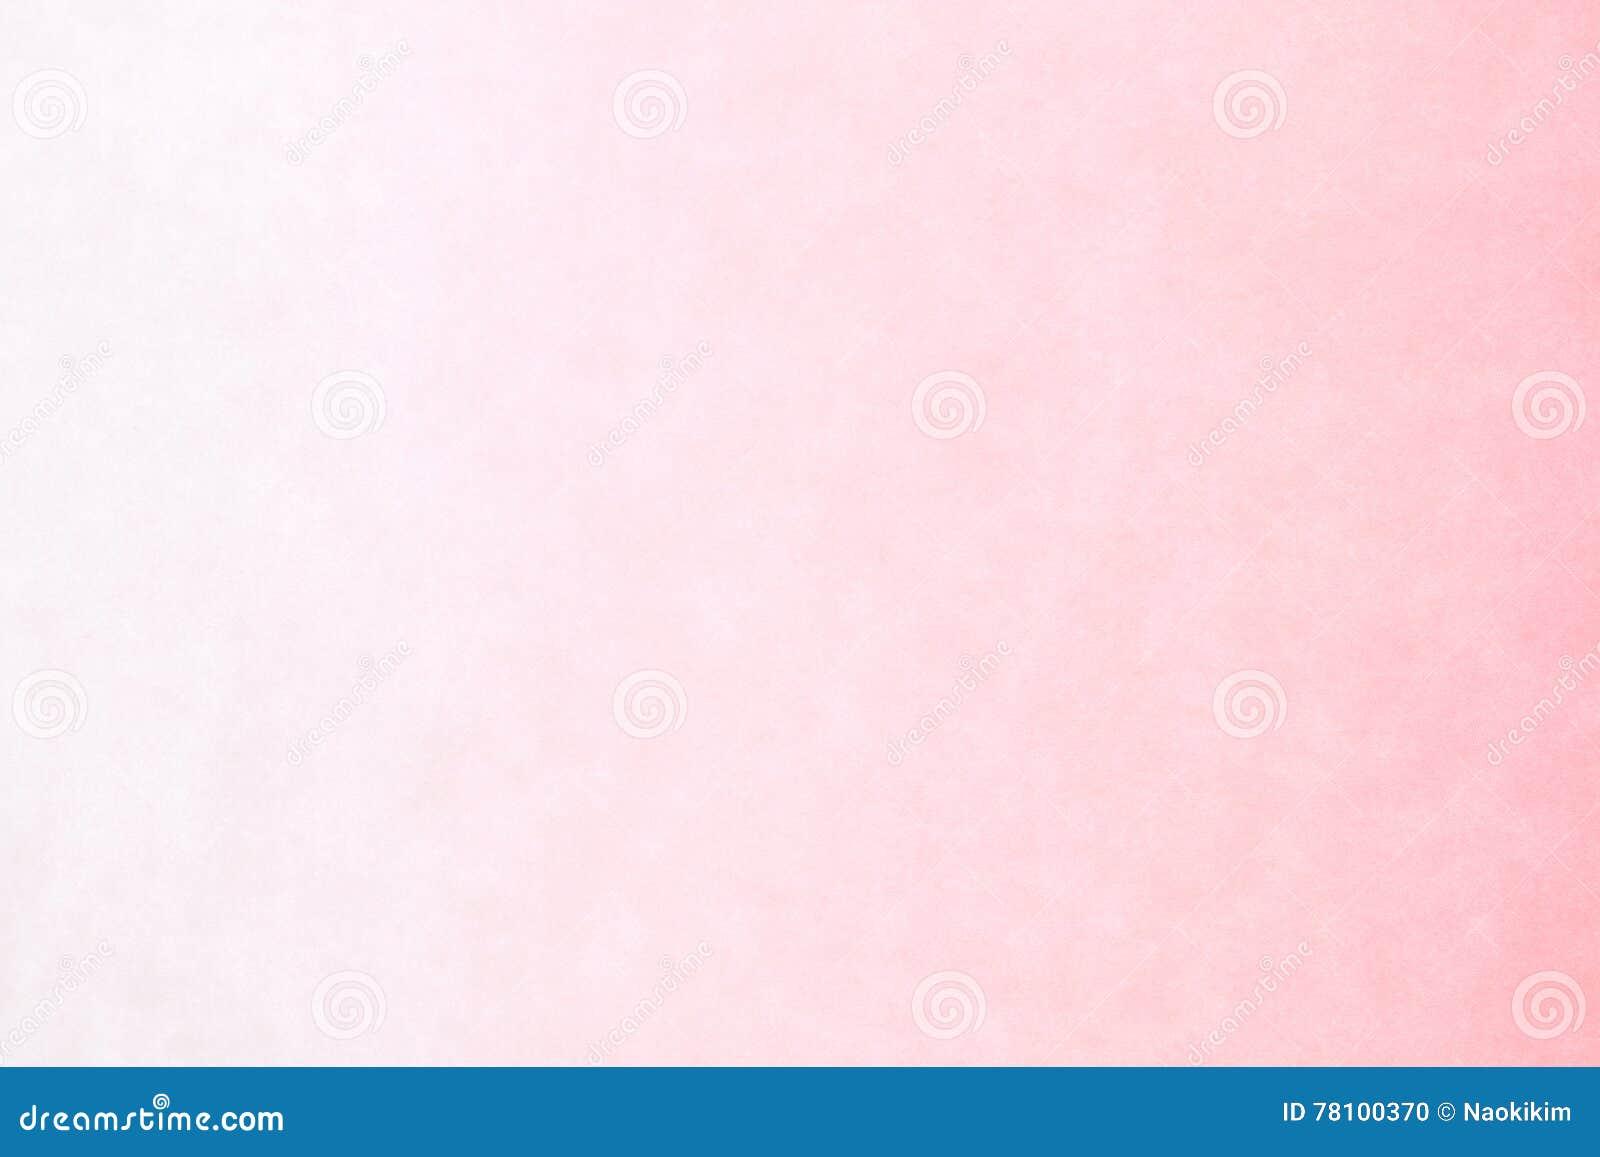 Gradient color paper texture background